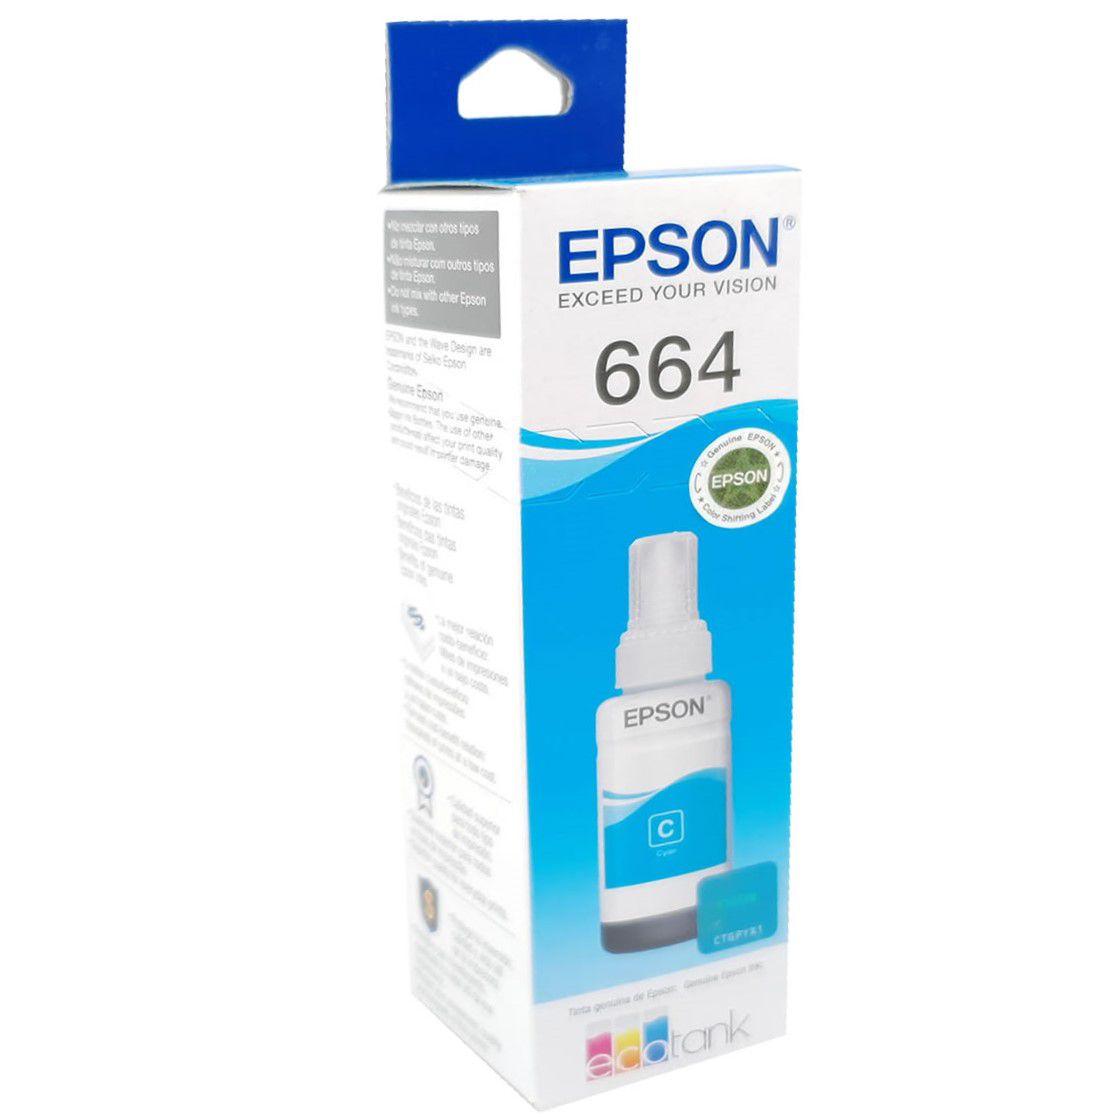 Refil de Tinta EPSON 664 Ciano 70ml para ecotank L355 L375 L395 L455